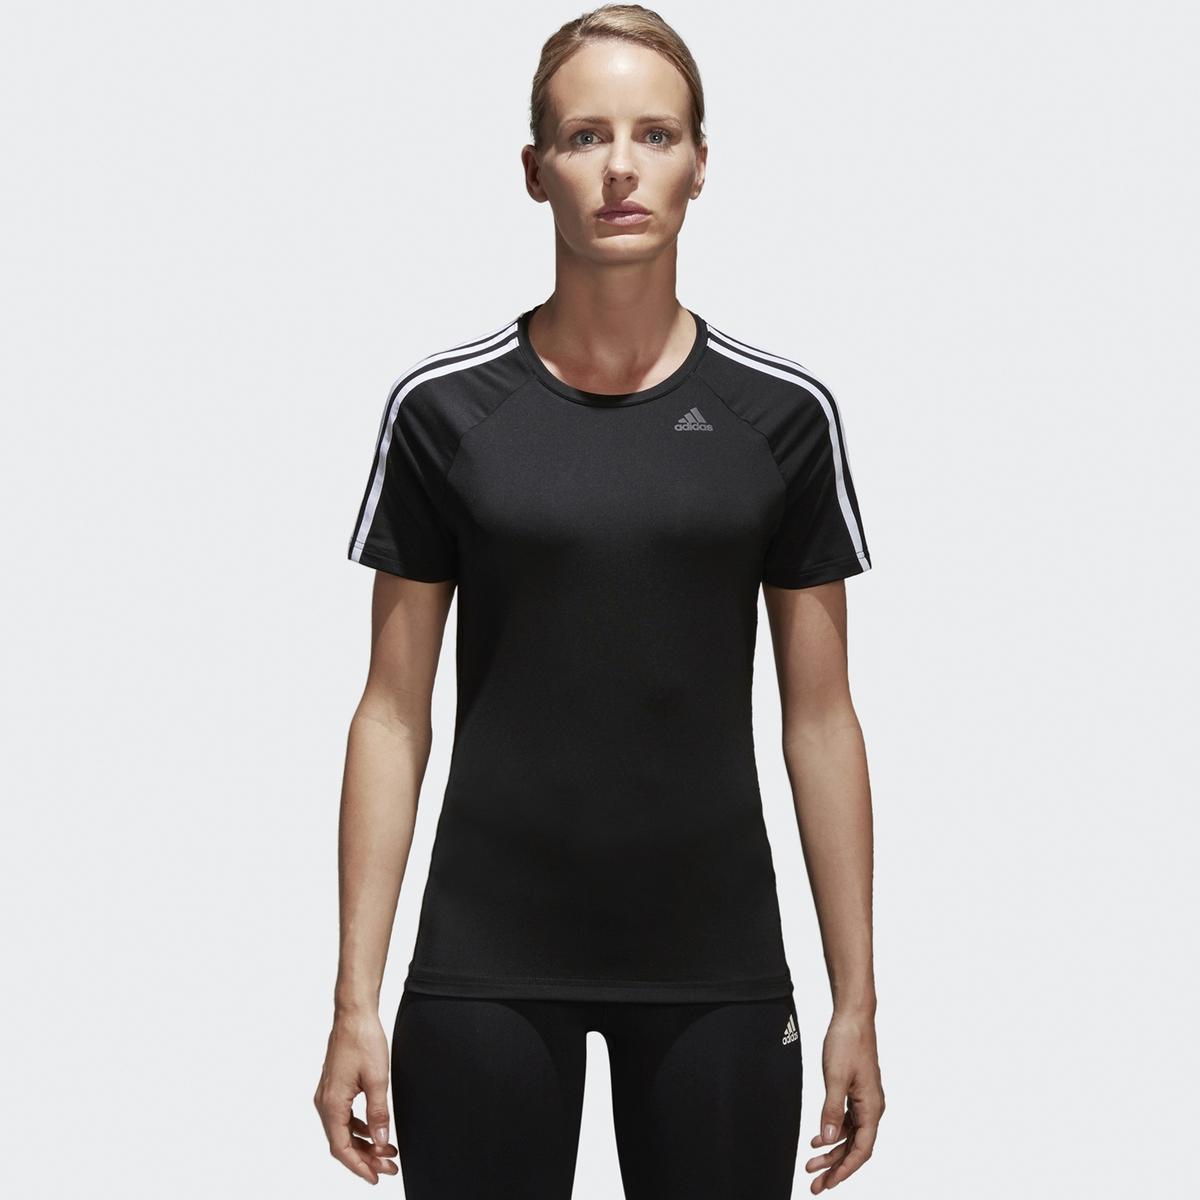 Camiseta TRAINING DESIGN 2 MOVE 3-STRIPES BK2682